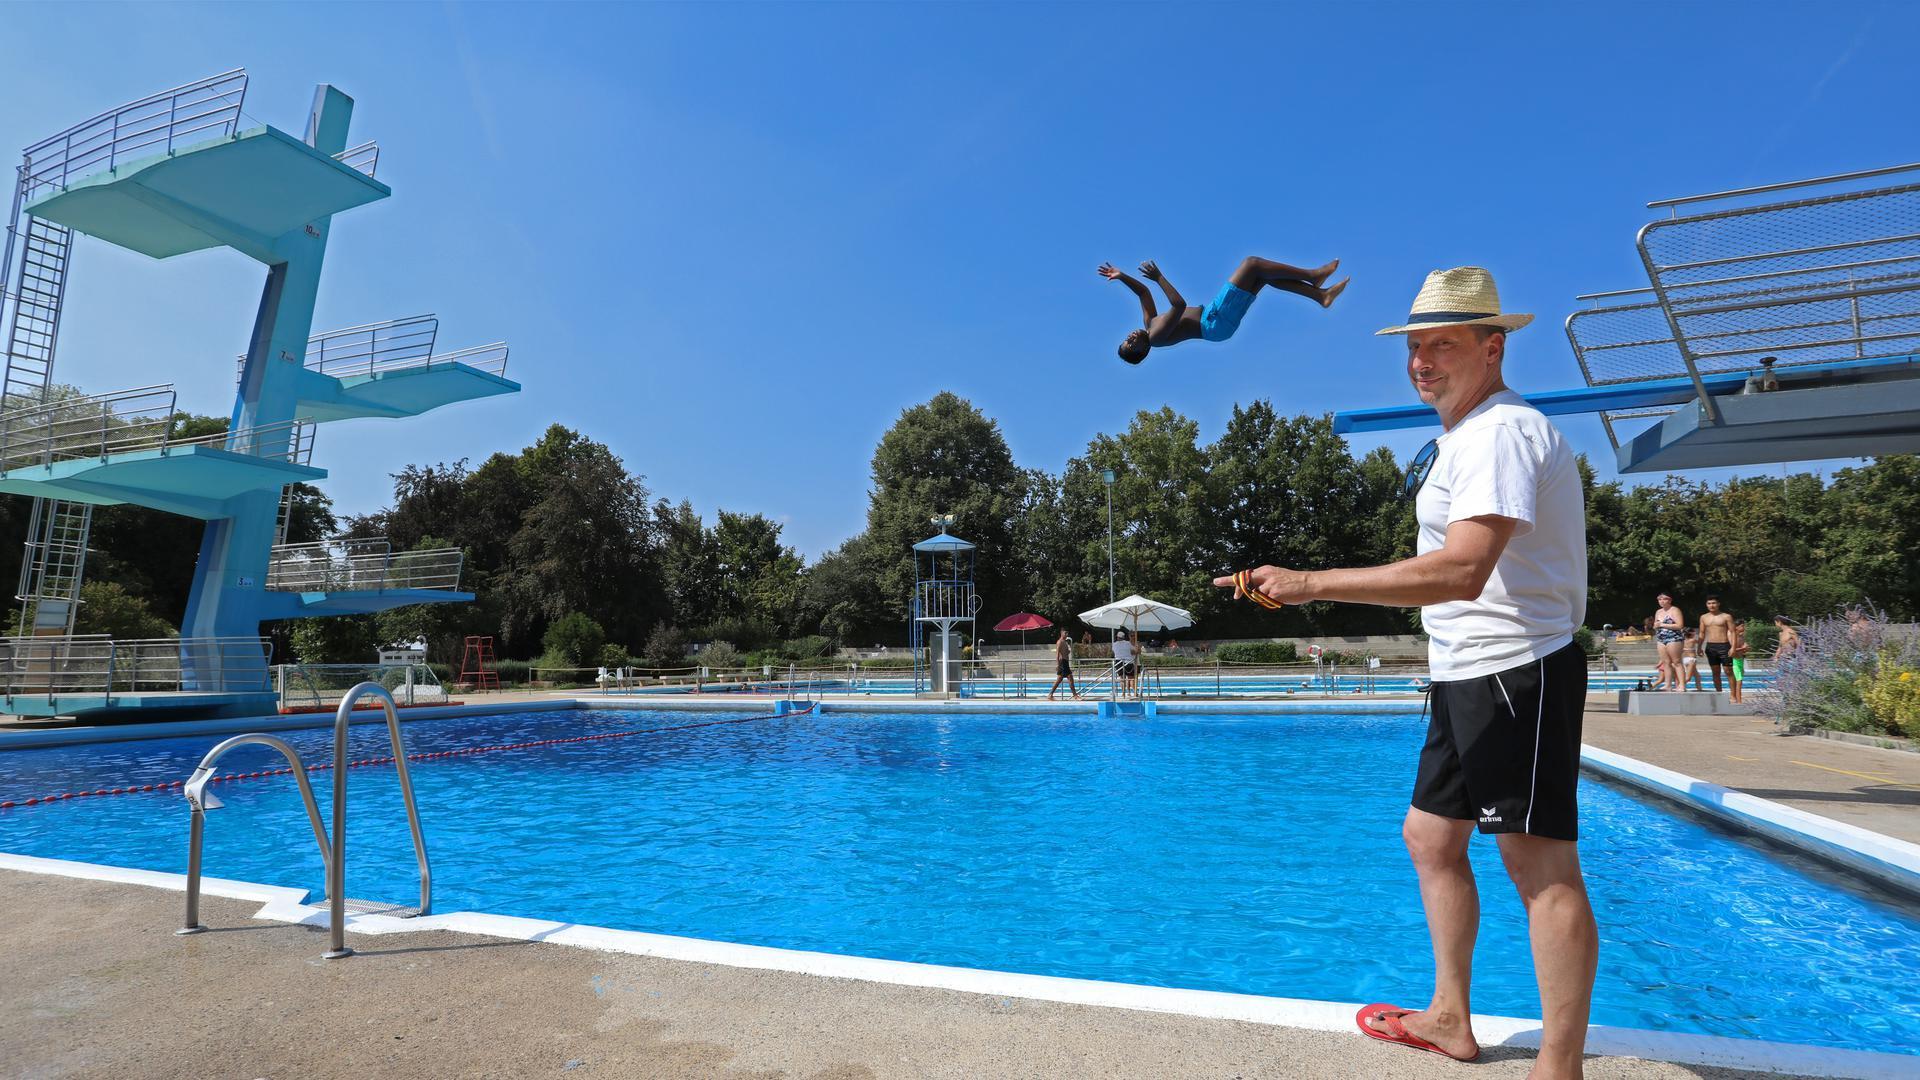 Jörg Augenstein mit Badeshorts, Flipflops und Strohhut  läuft an einem Schwimmbecken vorbei. Im Hintergrund springt ein Schwimmer vom Sprungturm.